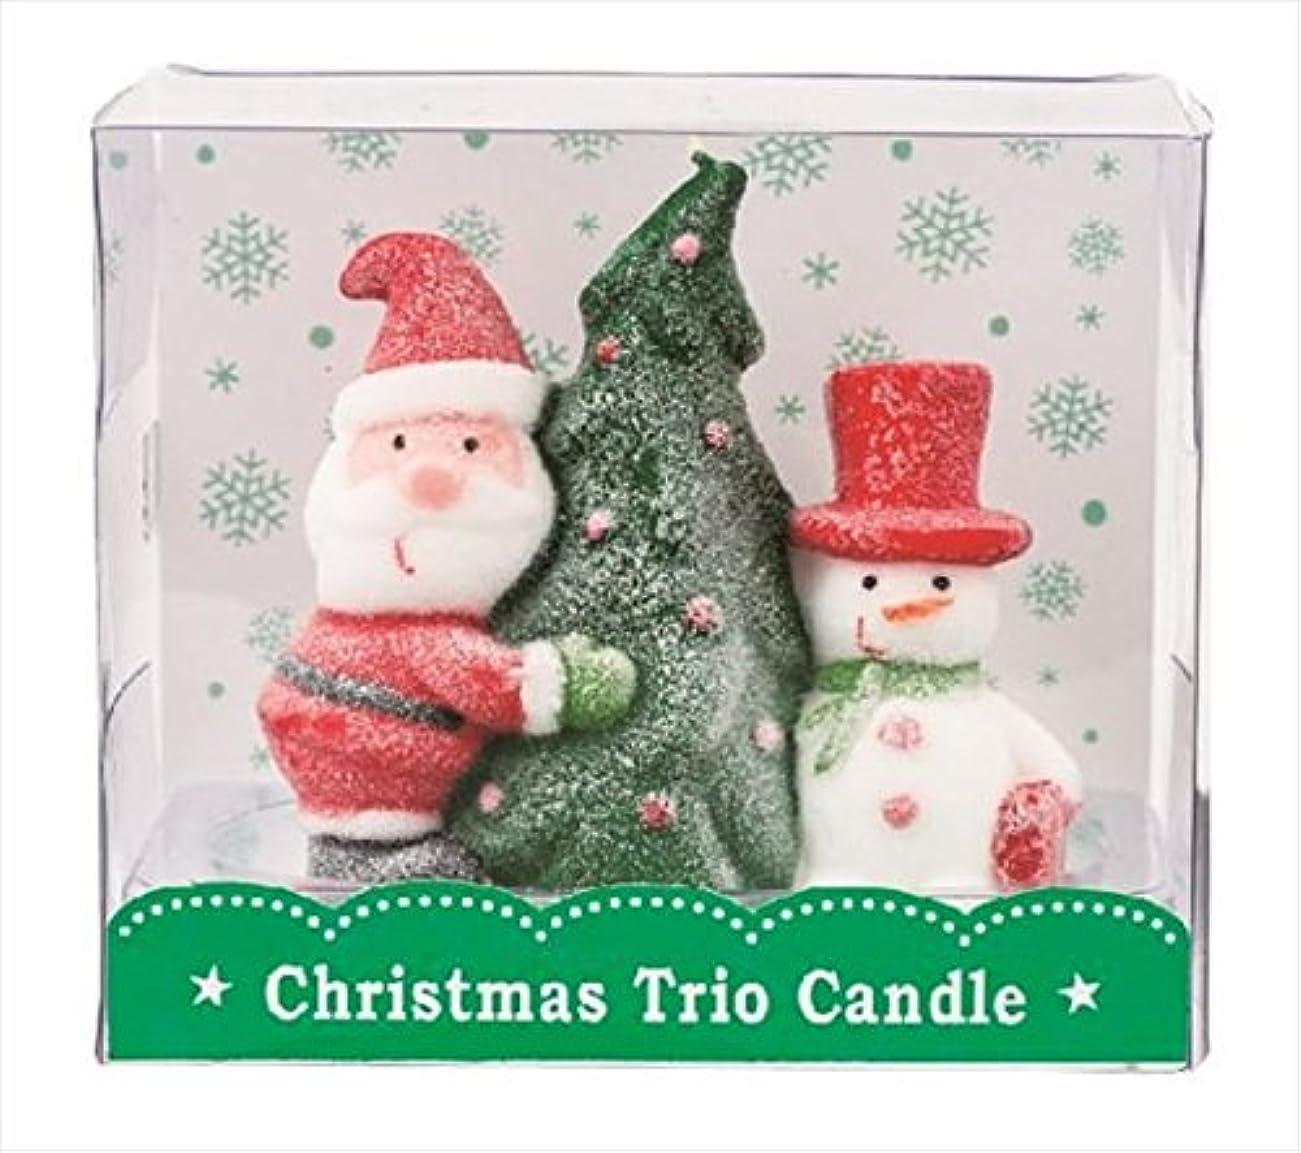 発表健康的文明化するkameyama candle(カメヤマキャンドル) クリスマストリオキャンドル 「 ツリー 」(A3220020)